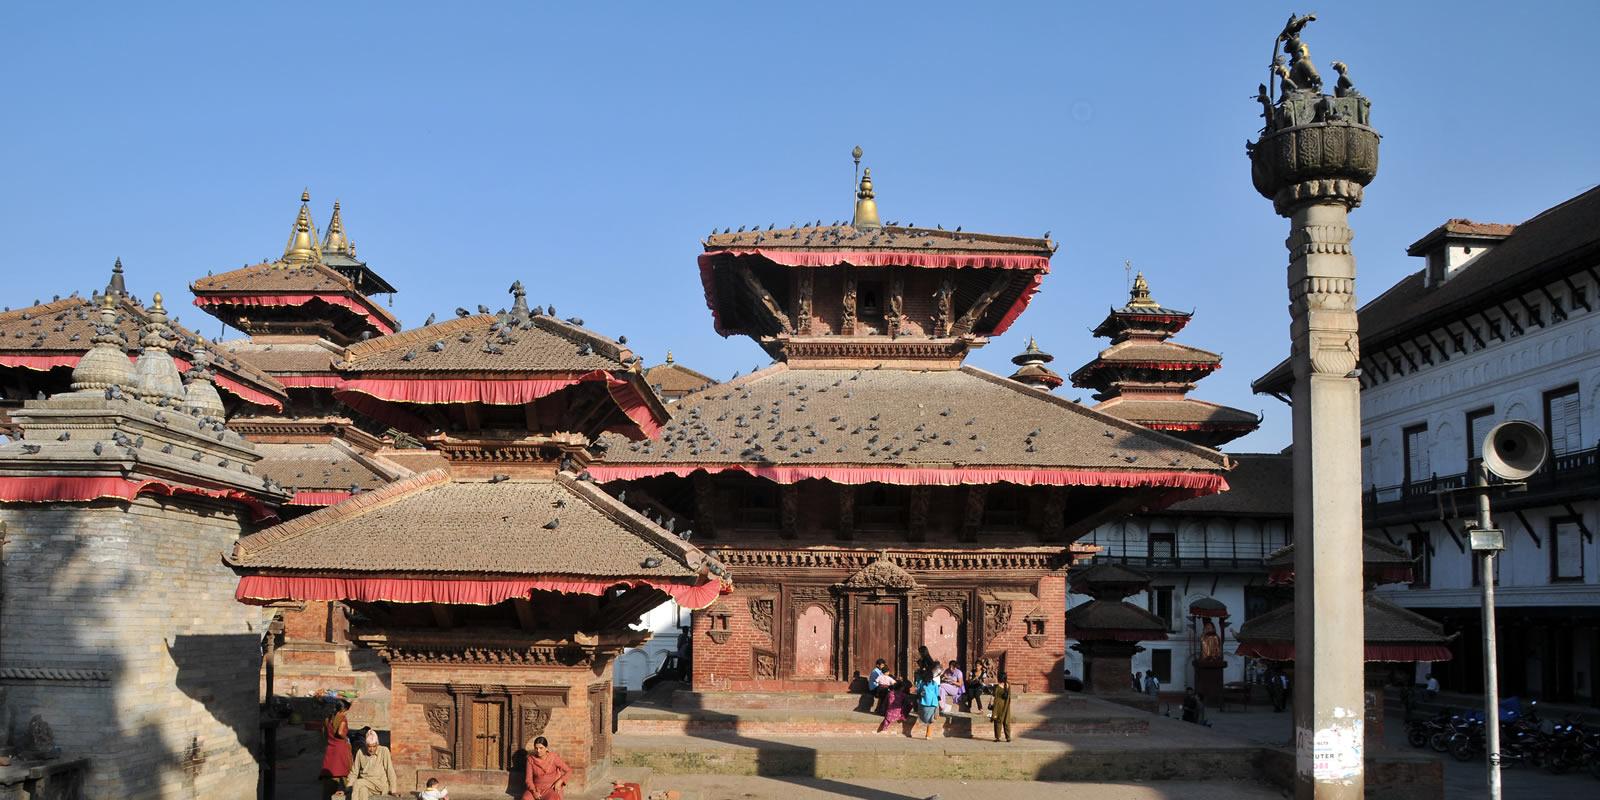 Tour Nepal, Visit Nepal, Sightseeing in Kathmandu, World Heritage Tour